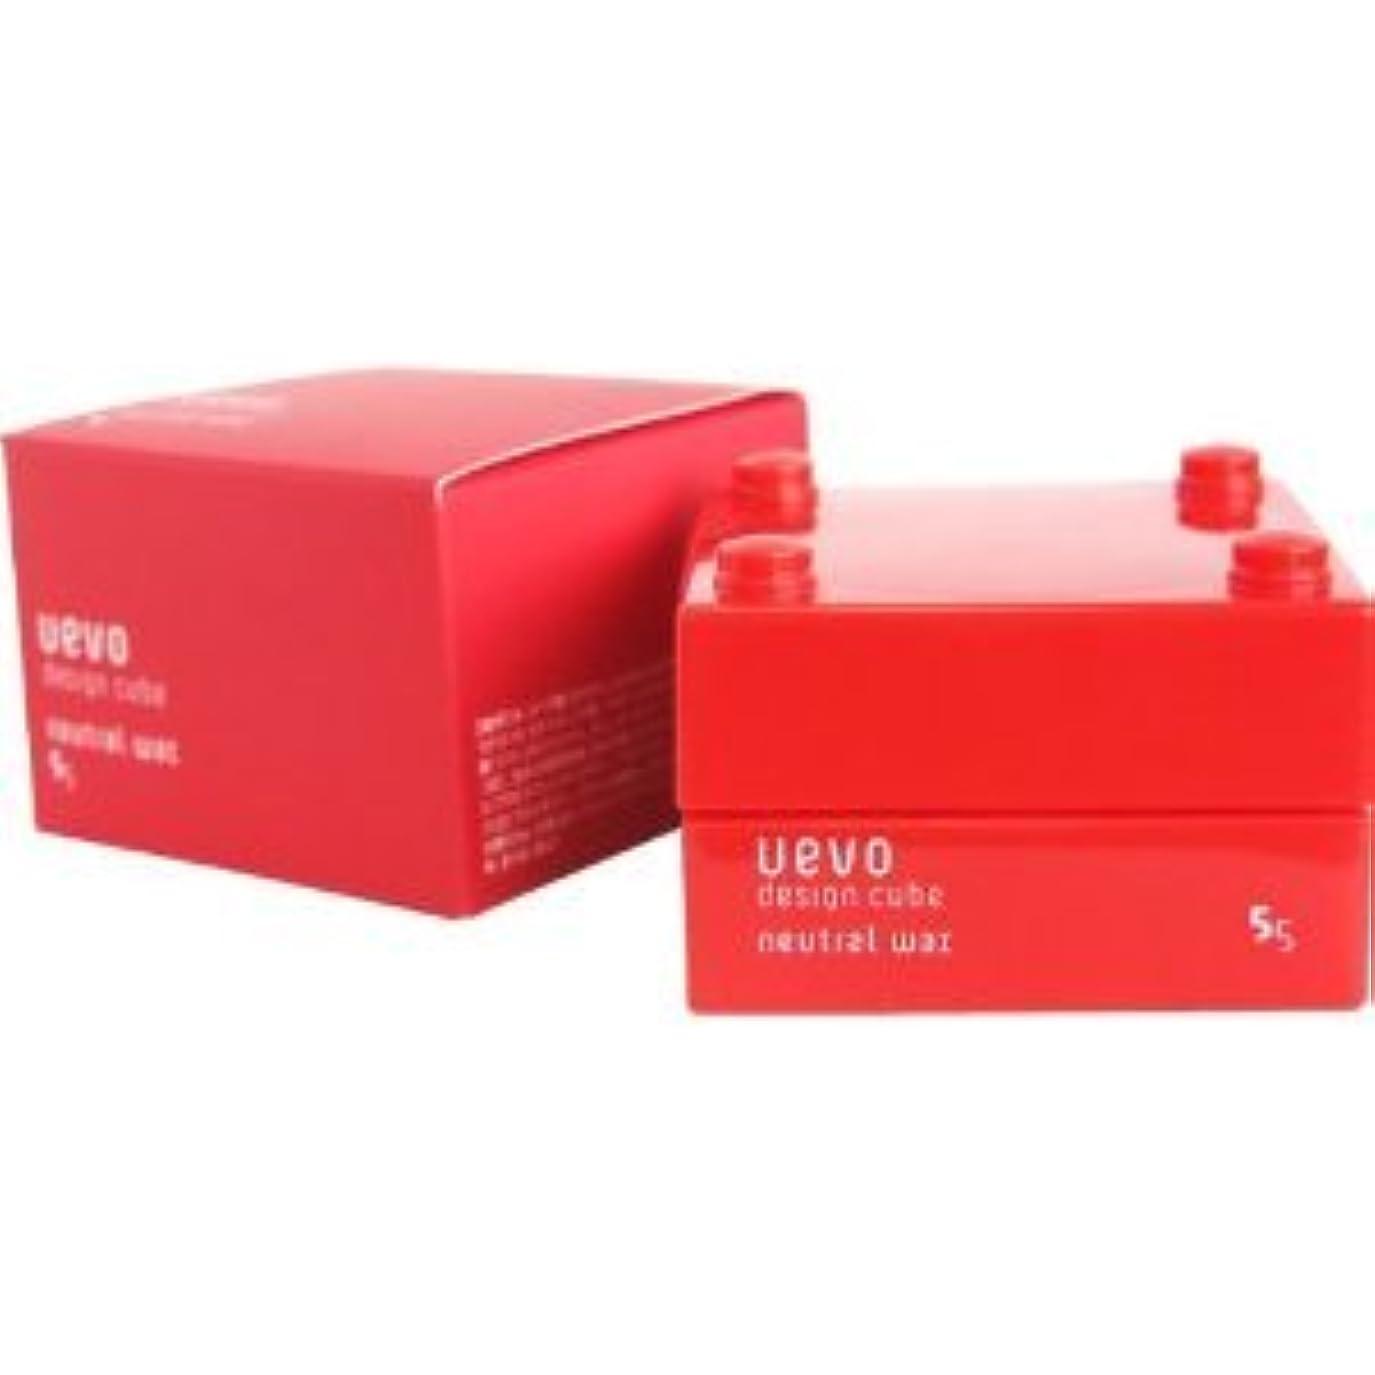 領事館誇張無し【X2個セット】 デミ ウェーボ デザインキューブ ニュートラルワックス 30g neutral wax DEMI uevo design cube